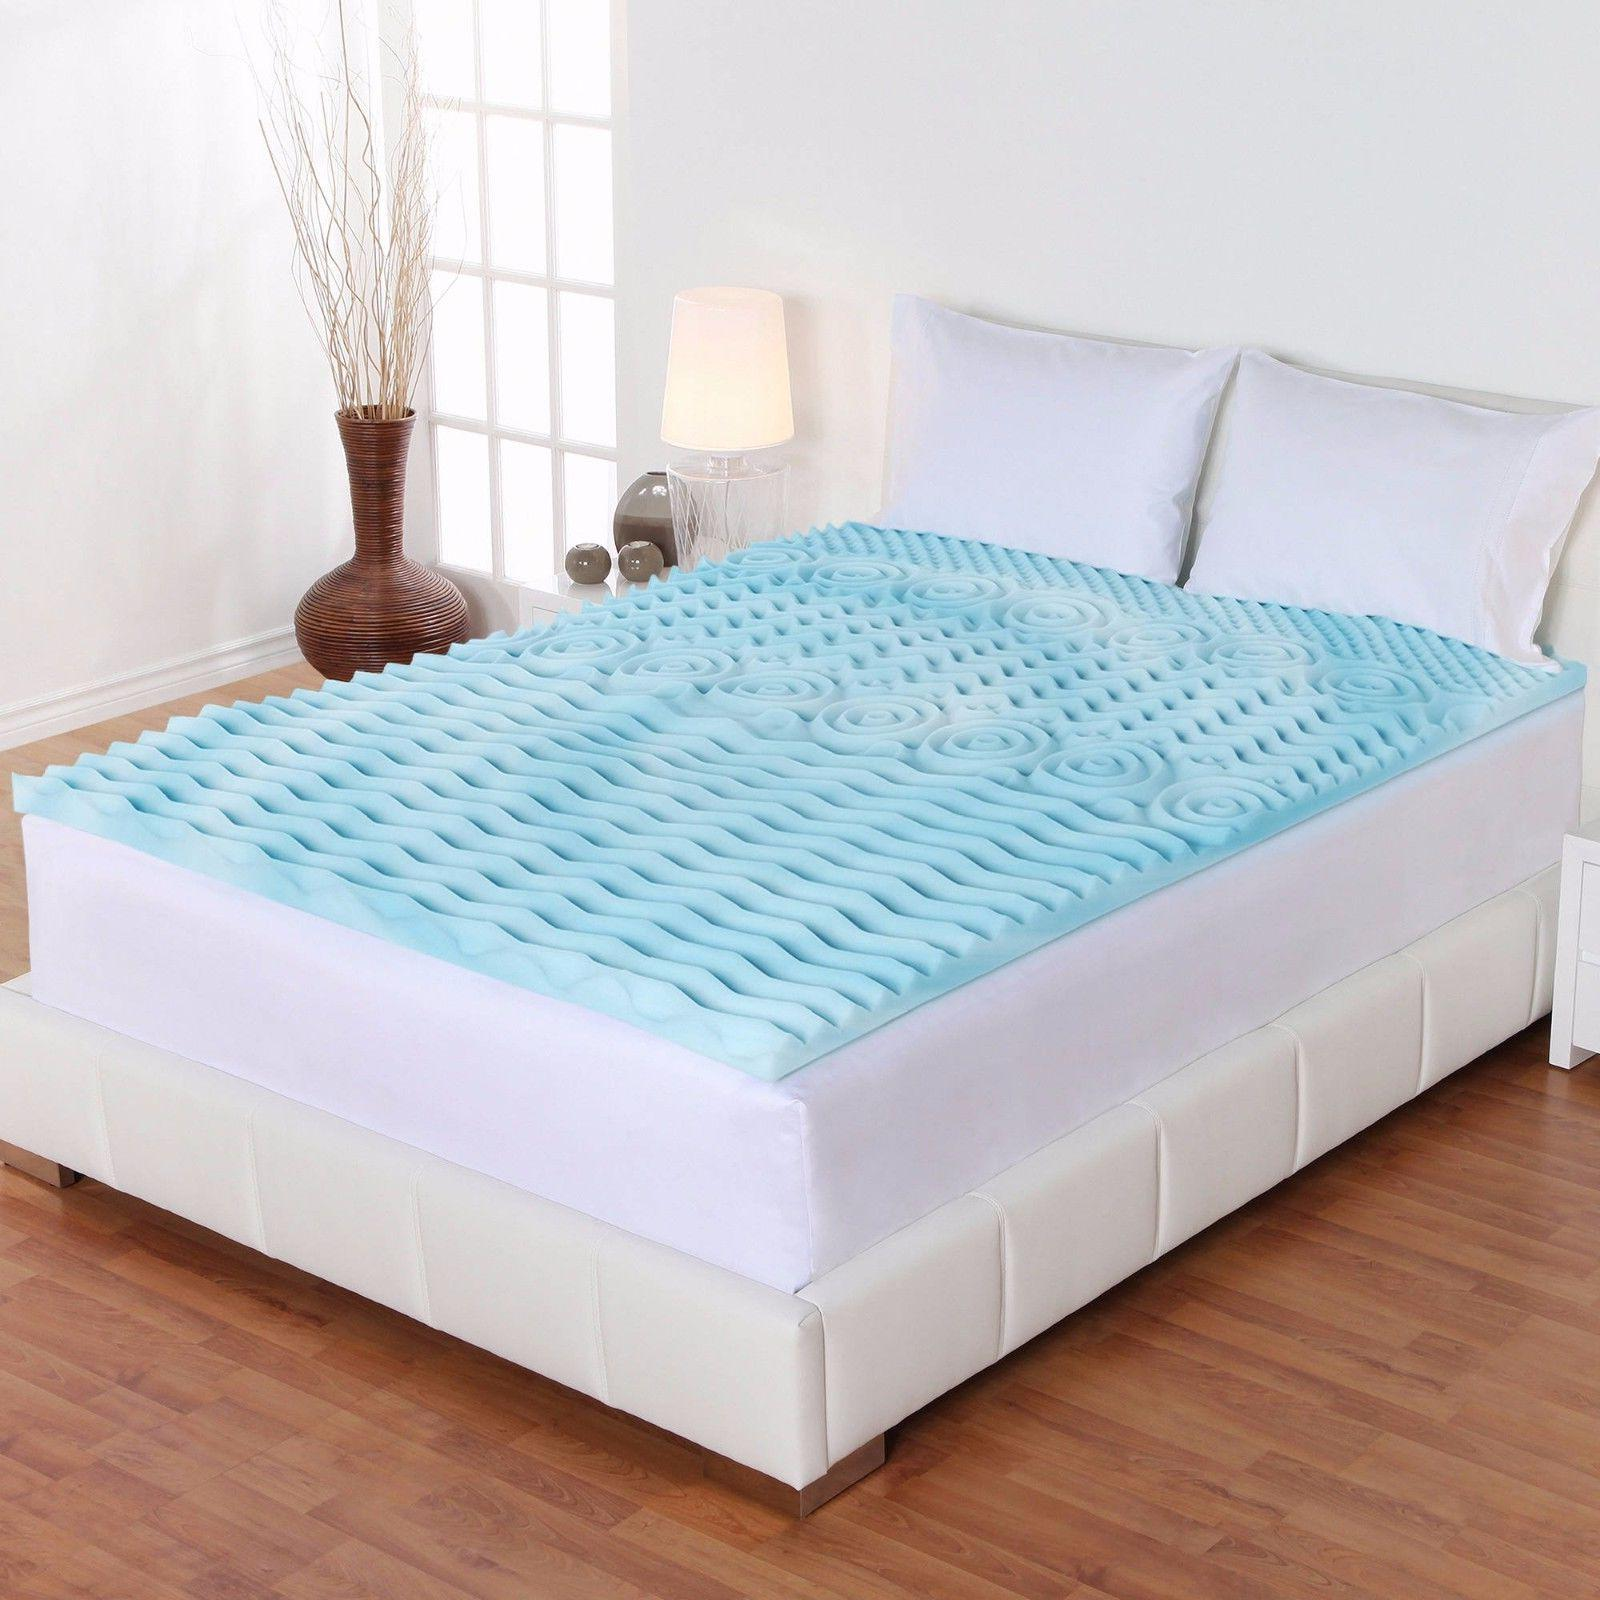 Mattress Topper Gel Memory Foam Bed King